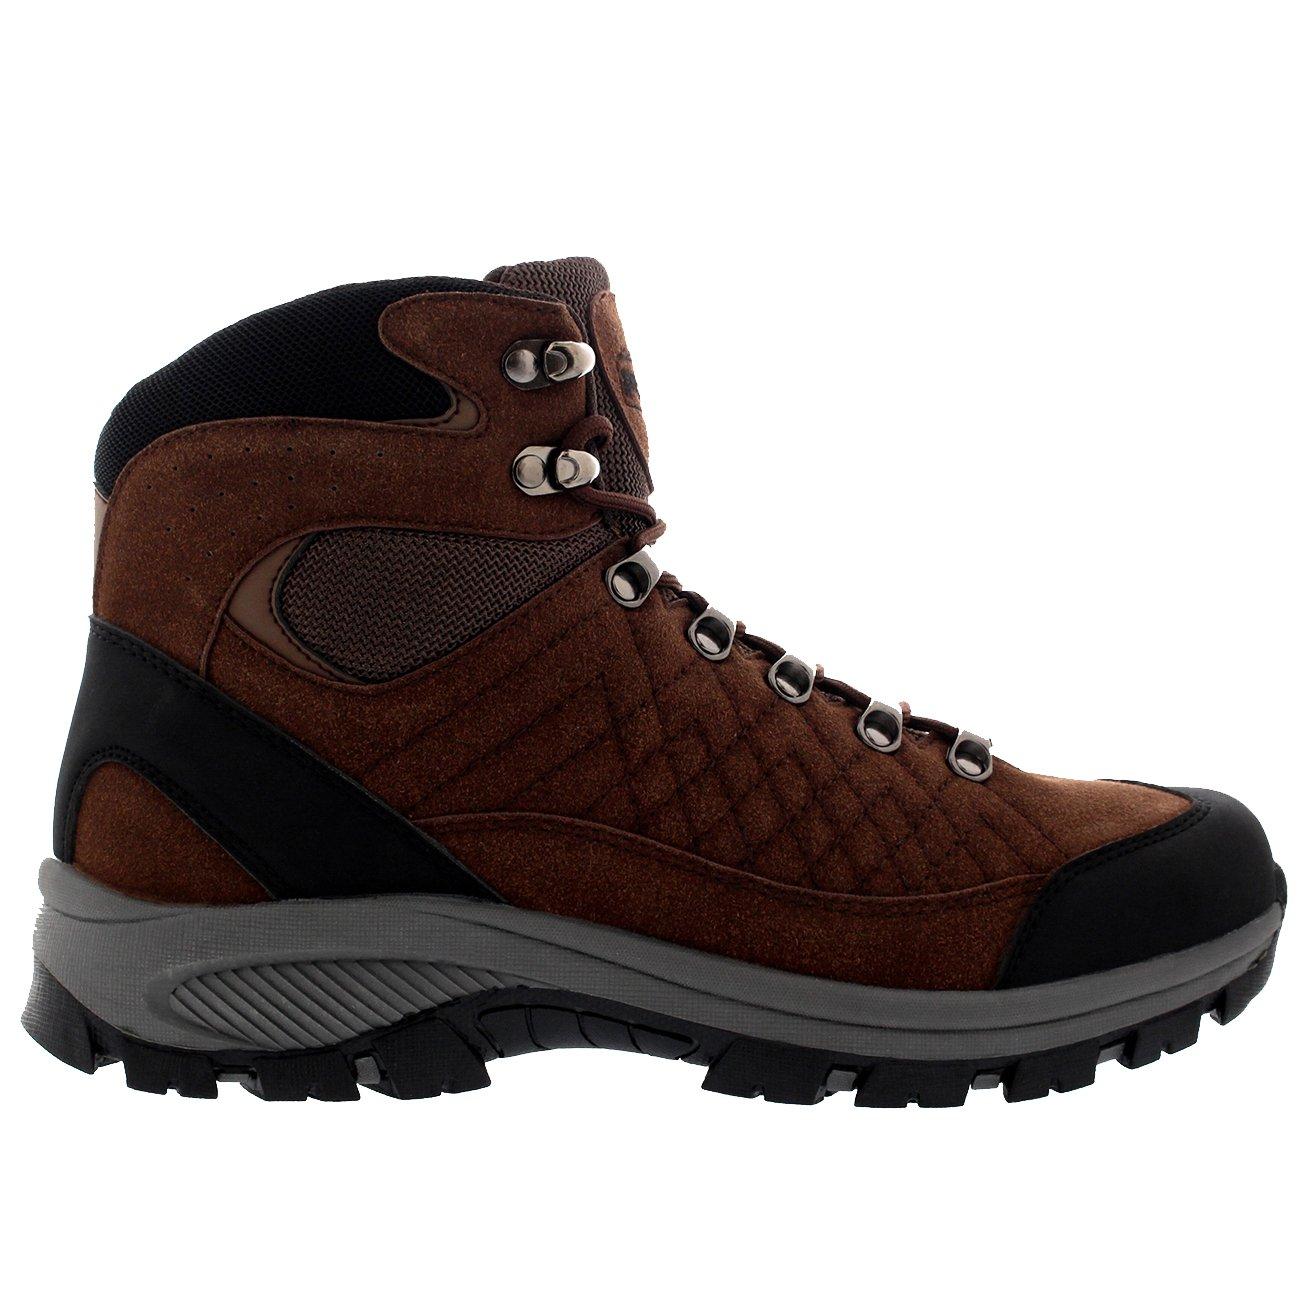 Polar Hombre Excursionismo Impermeable Para Caminar Invierno Botines - Marrón - UK10/EU44 - WT0015: Amazon.es: Zapatos y complementos